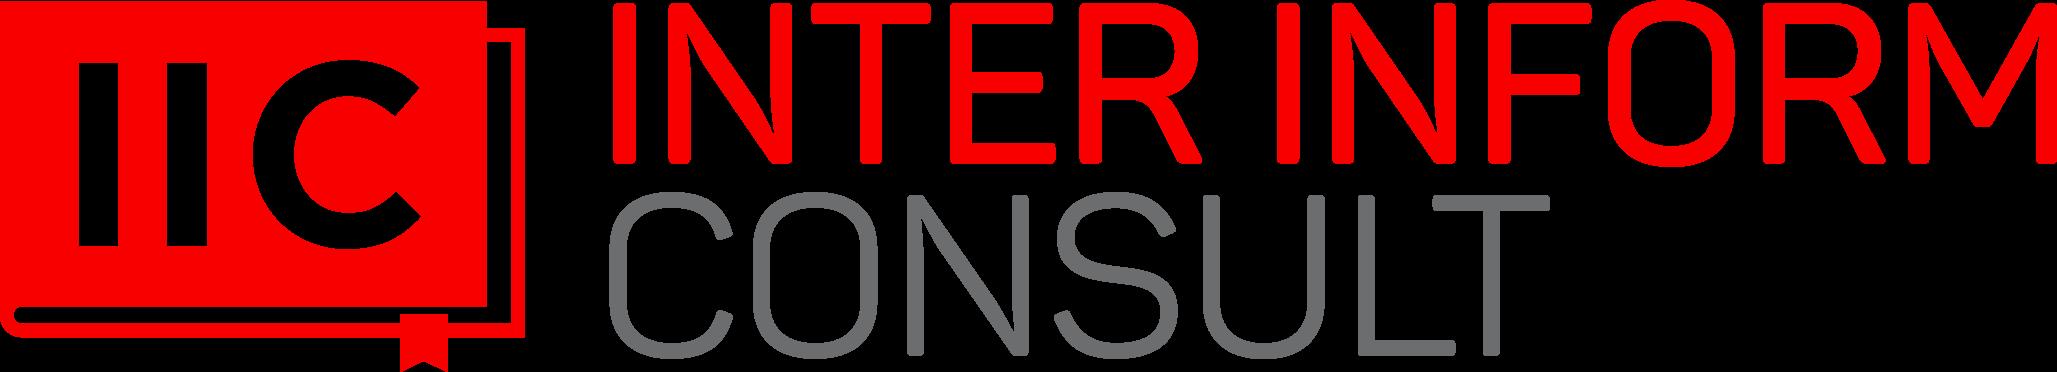 https://cargoplanet.eu/wp-content/uploads/2021/02/IIC-logo-full.png